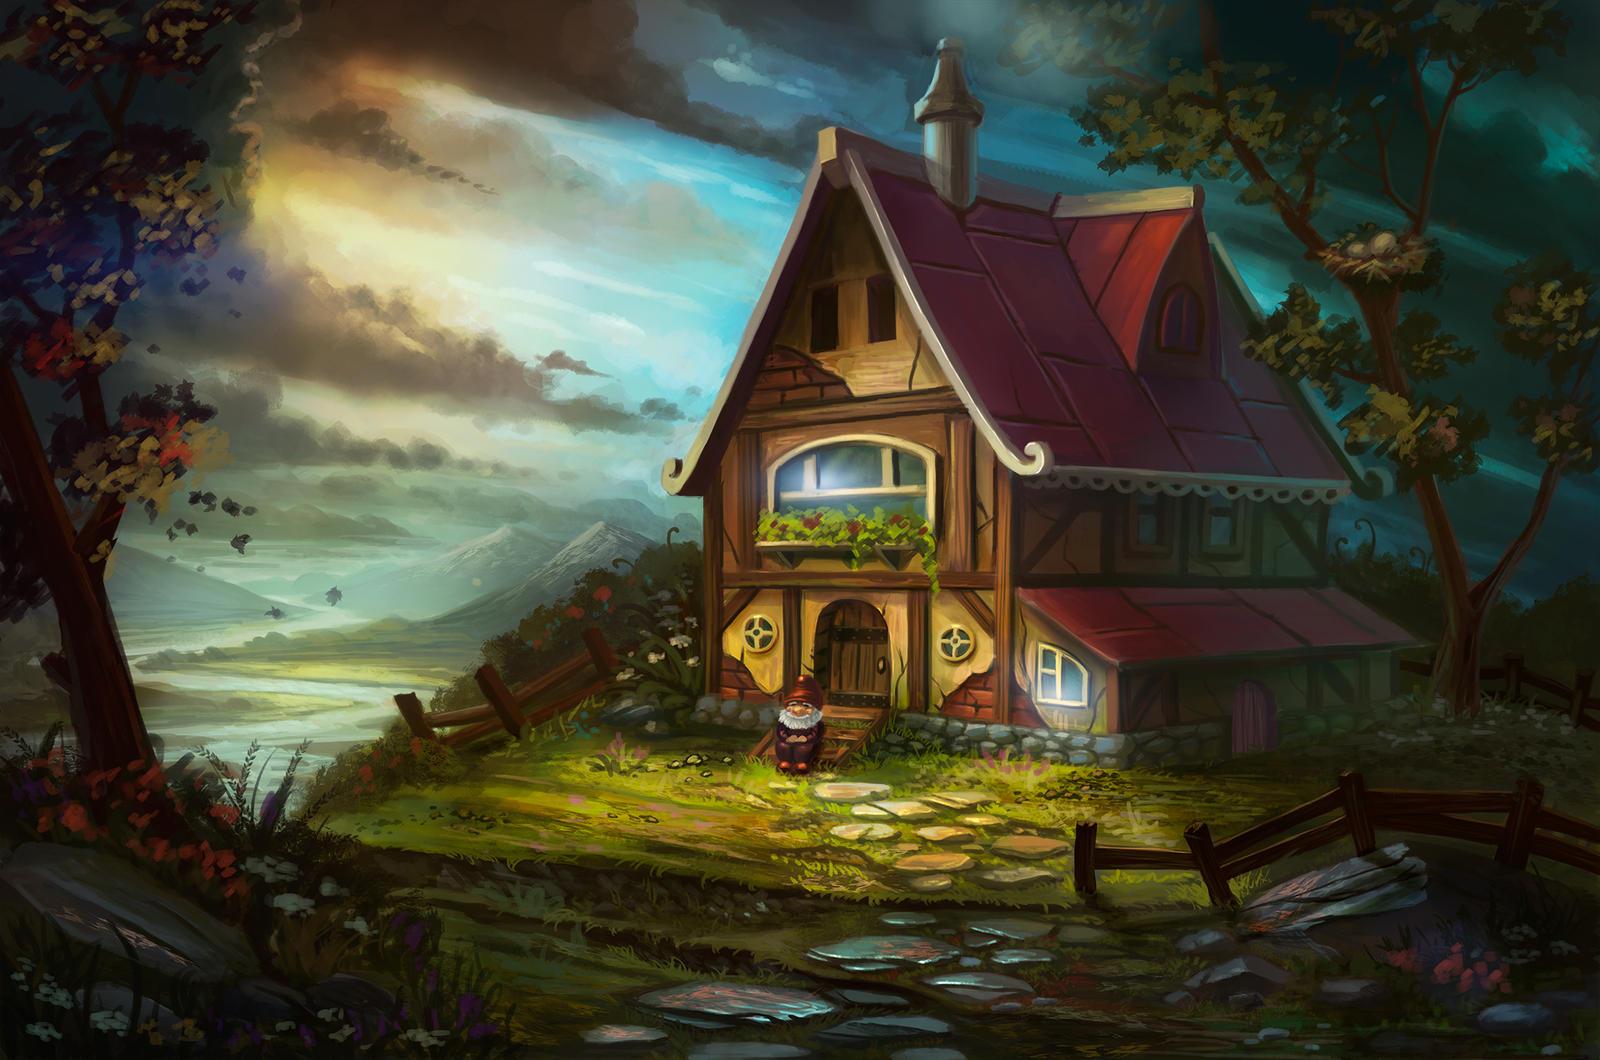 My house by lepyoshka